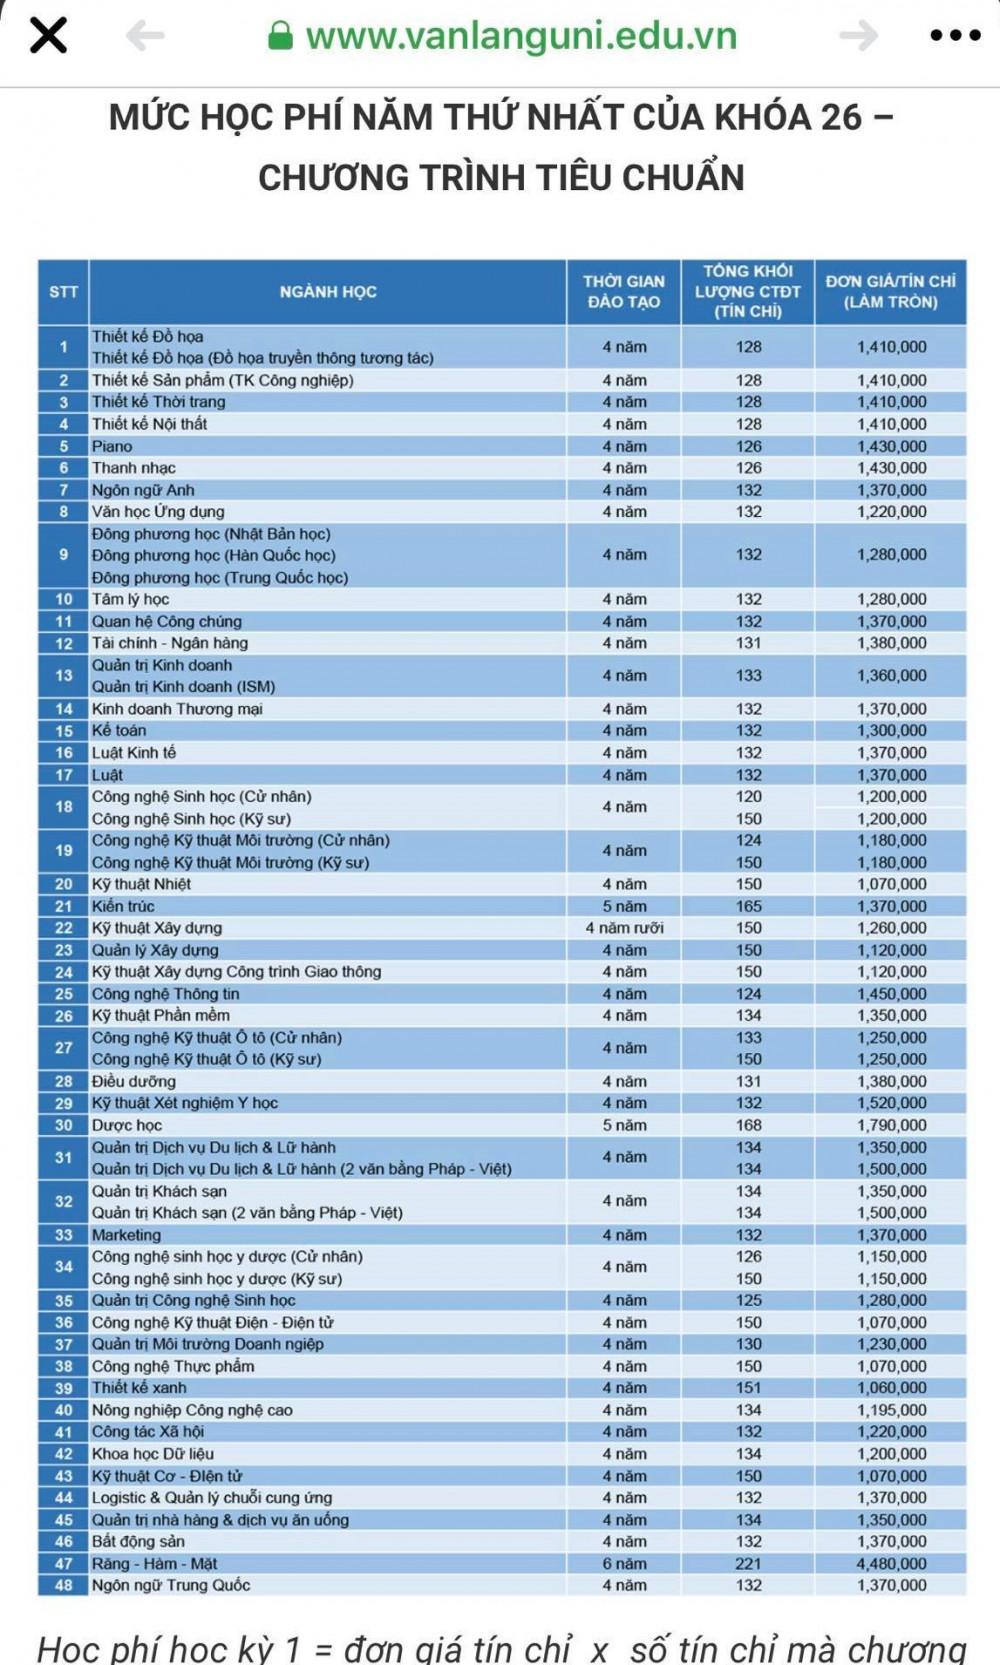 Học phí khóa 26 Trường đại học Văn Lang